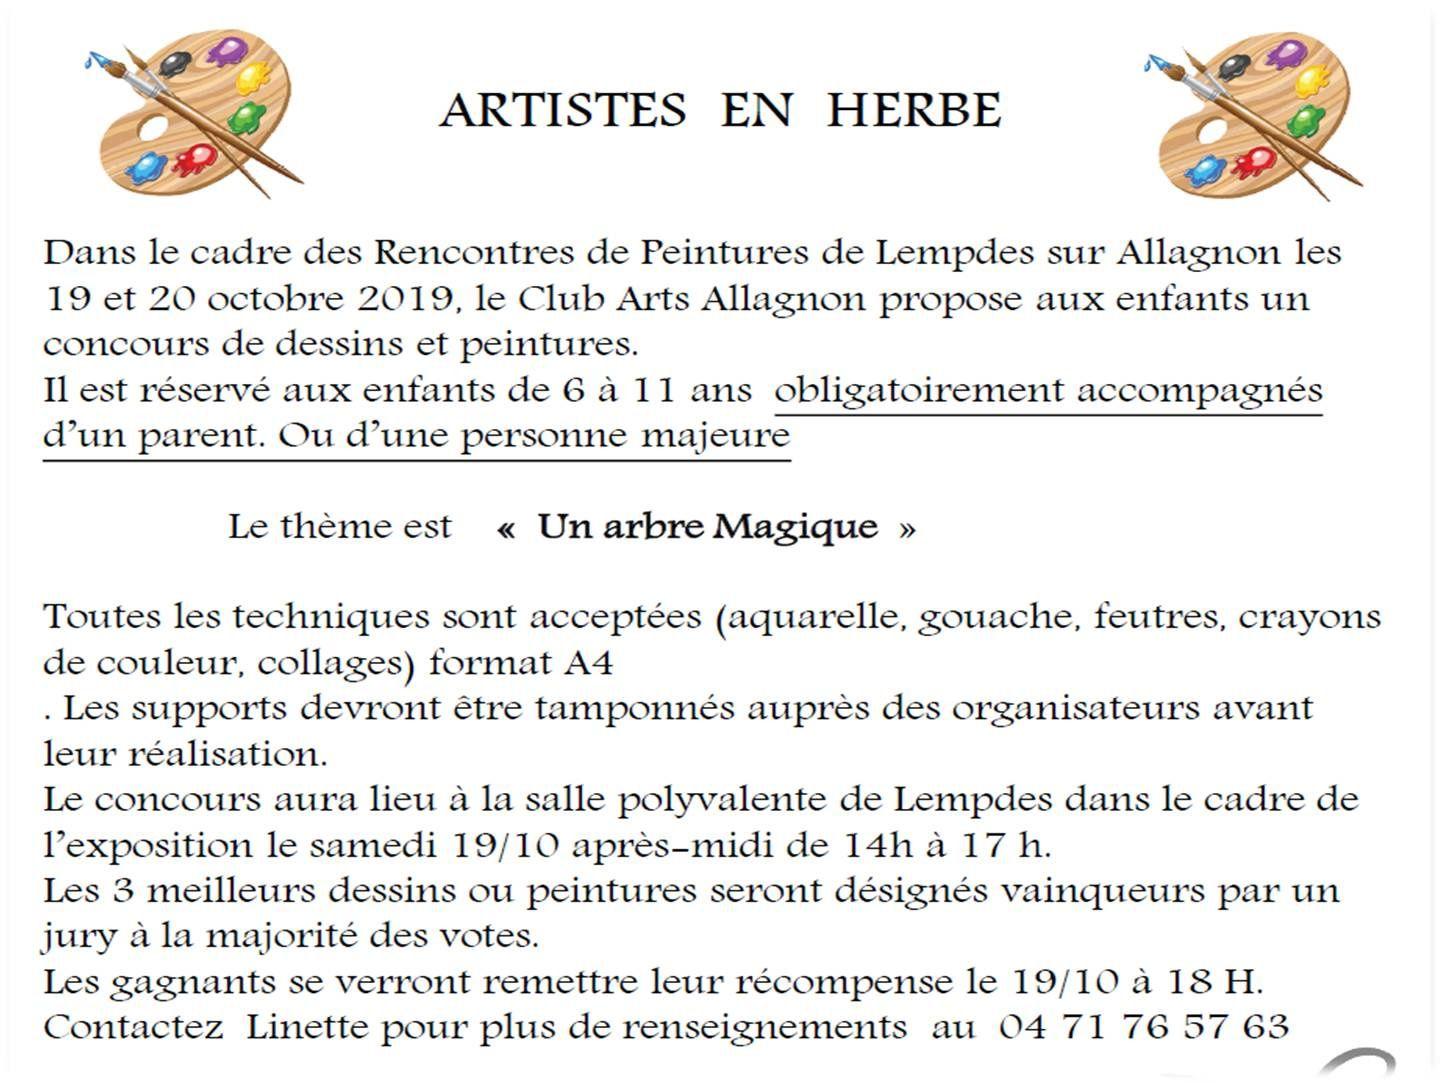 Arts allagnon